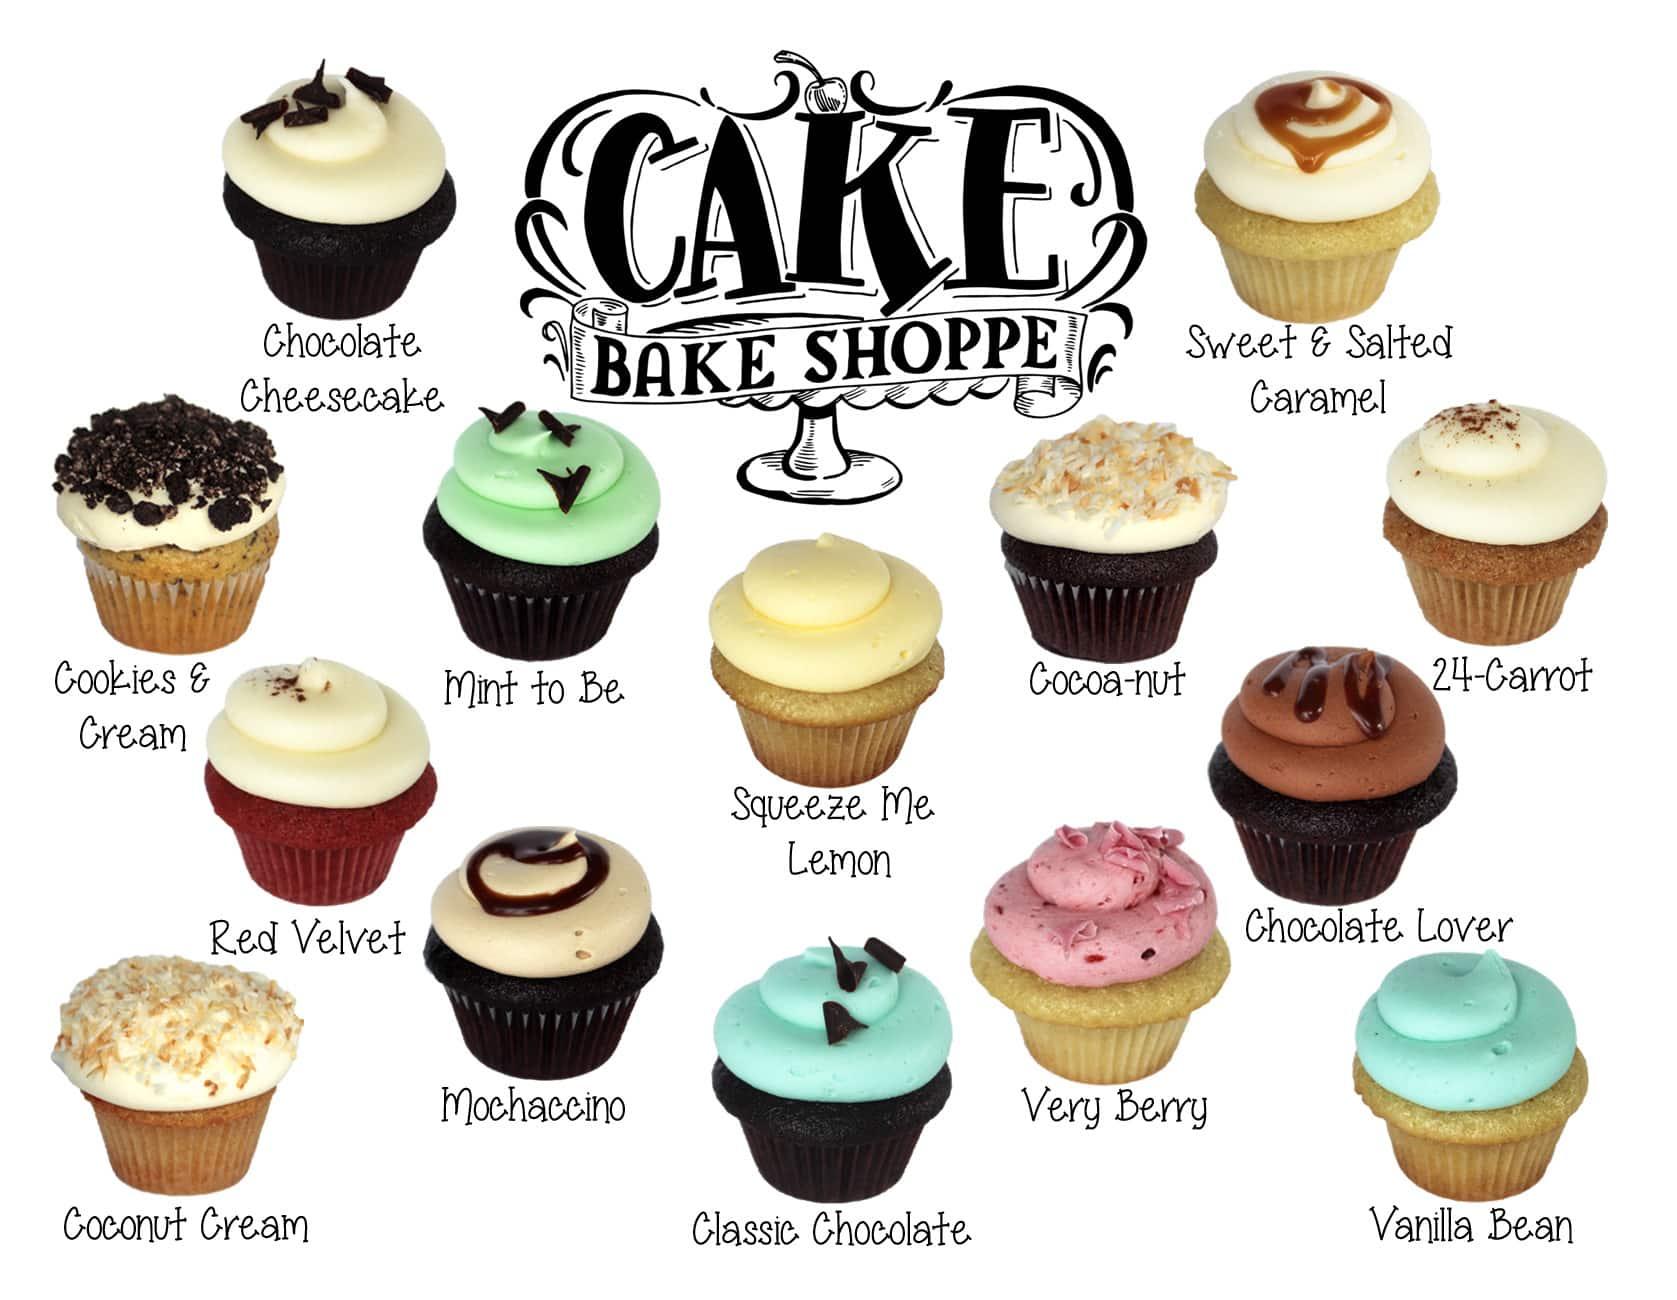 Cake Bake Shoppe Calgary